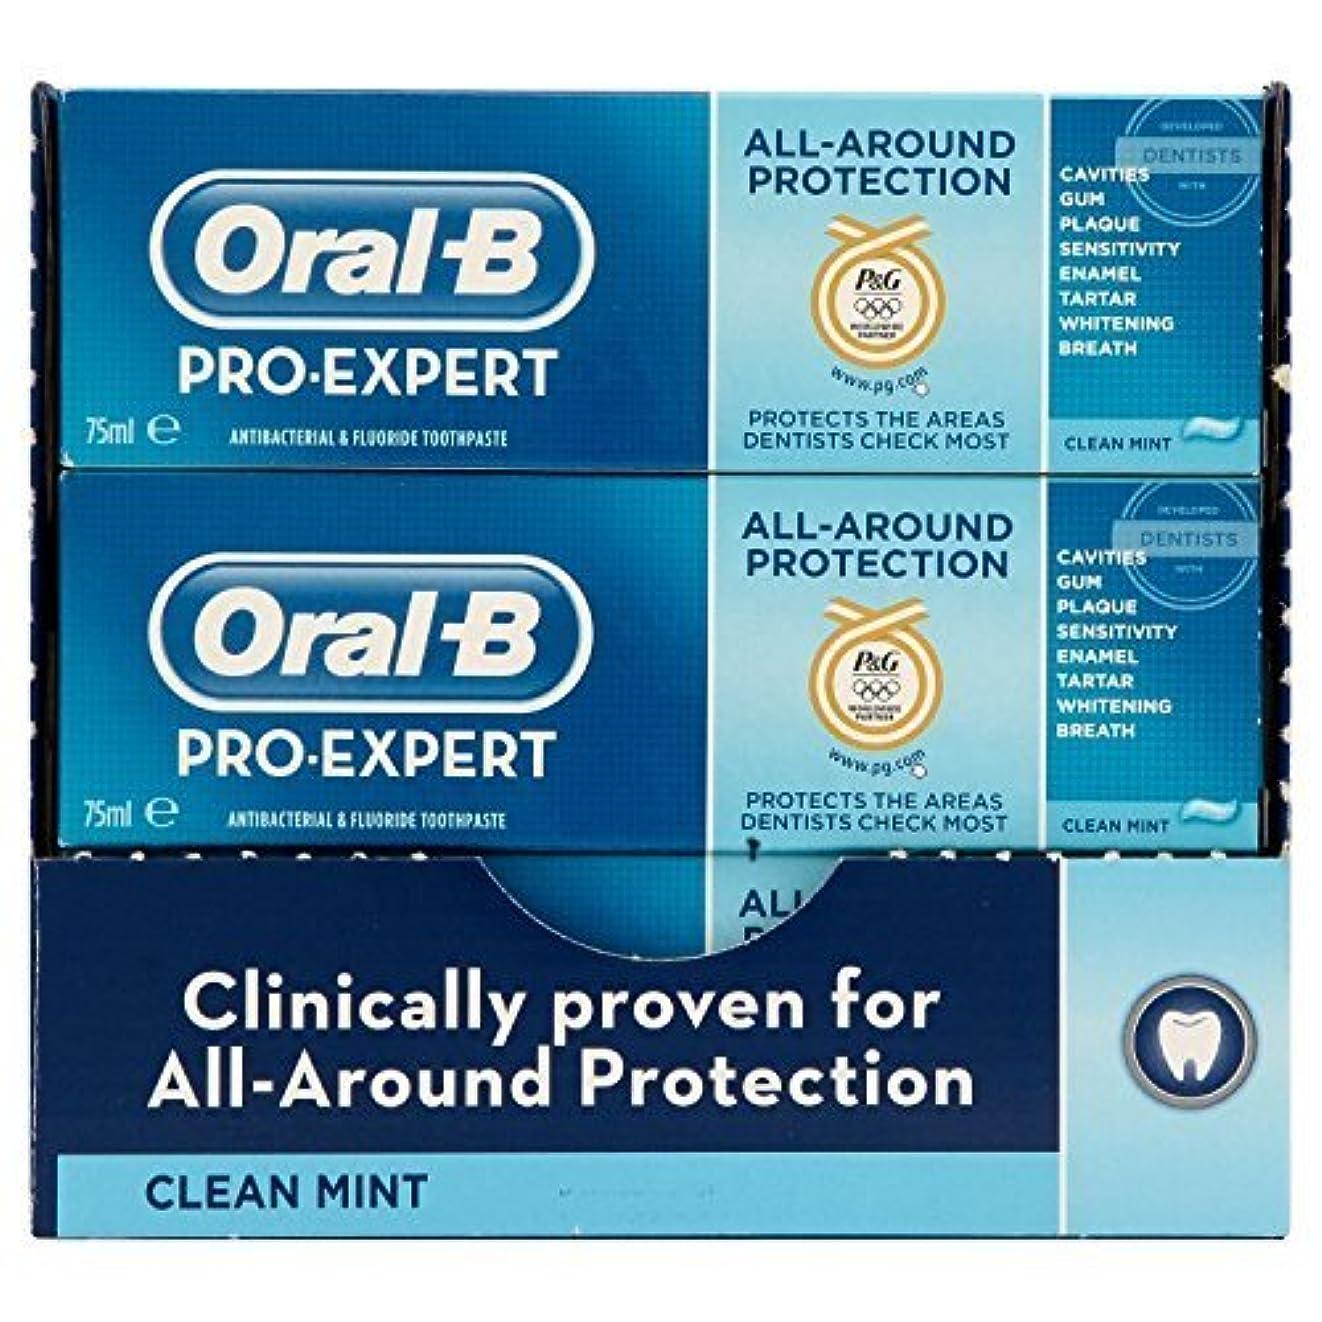 塗抹飼いならすジョガーOral-B Pro-Expert All-Around Protection Clean Mint Toothpaste 75 ml (Pack of 8) by PG